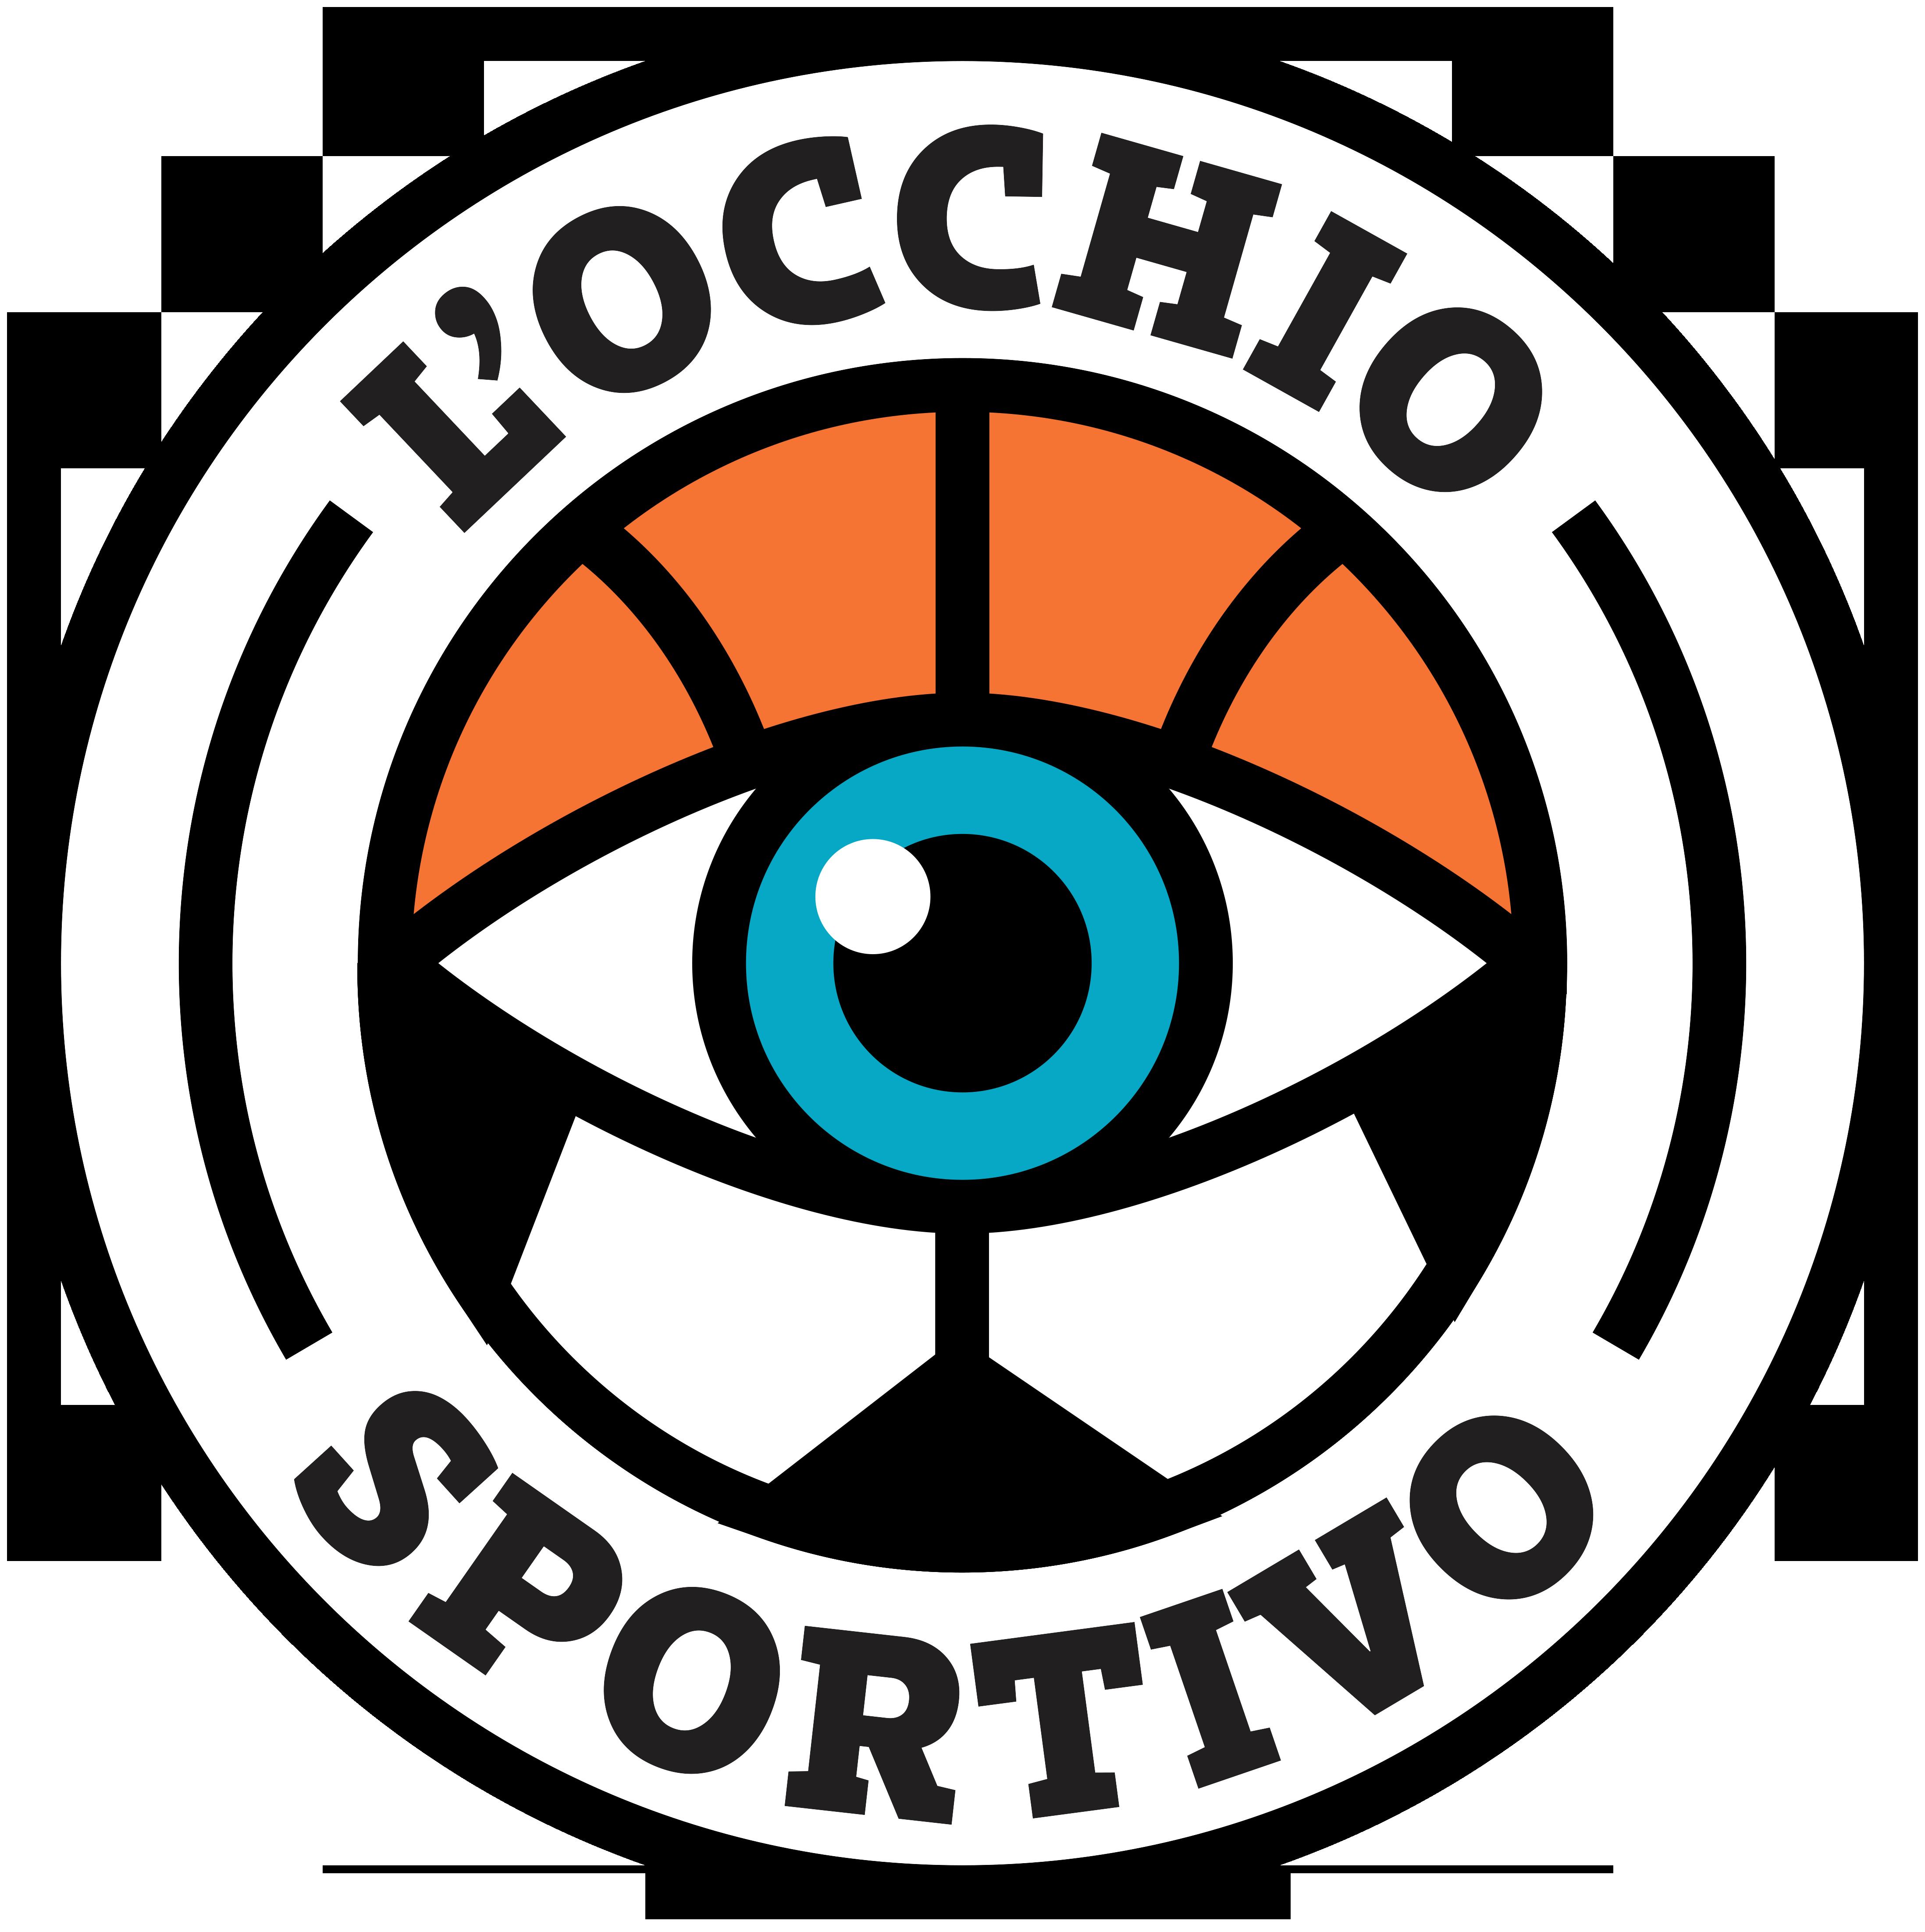 L'Occhio Sportivo